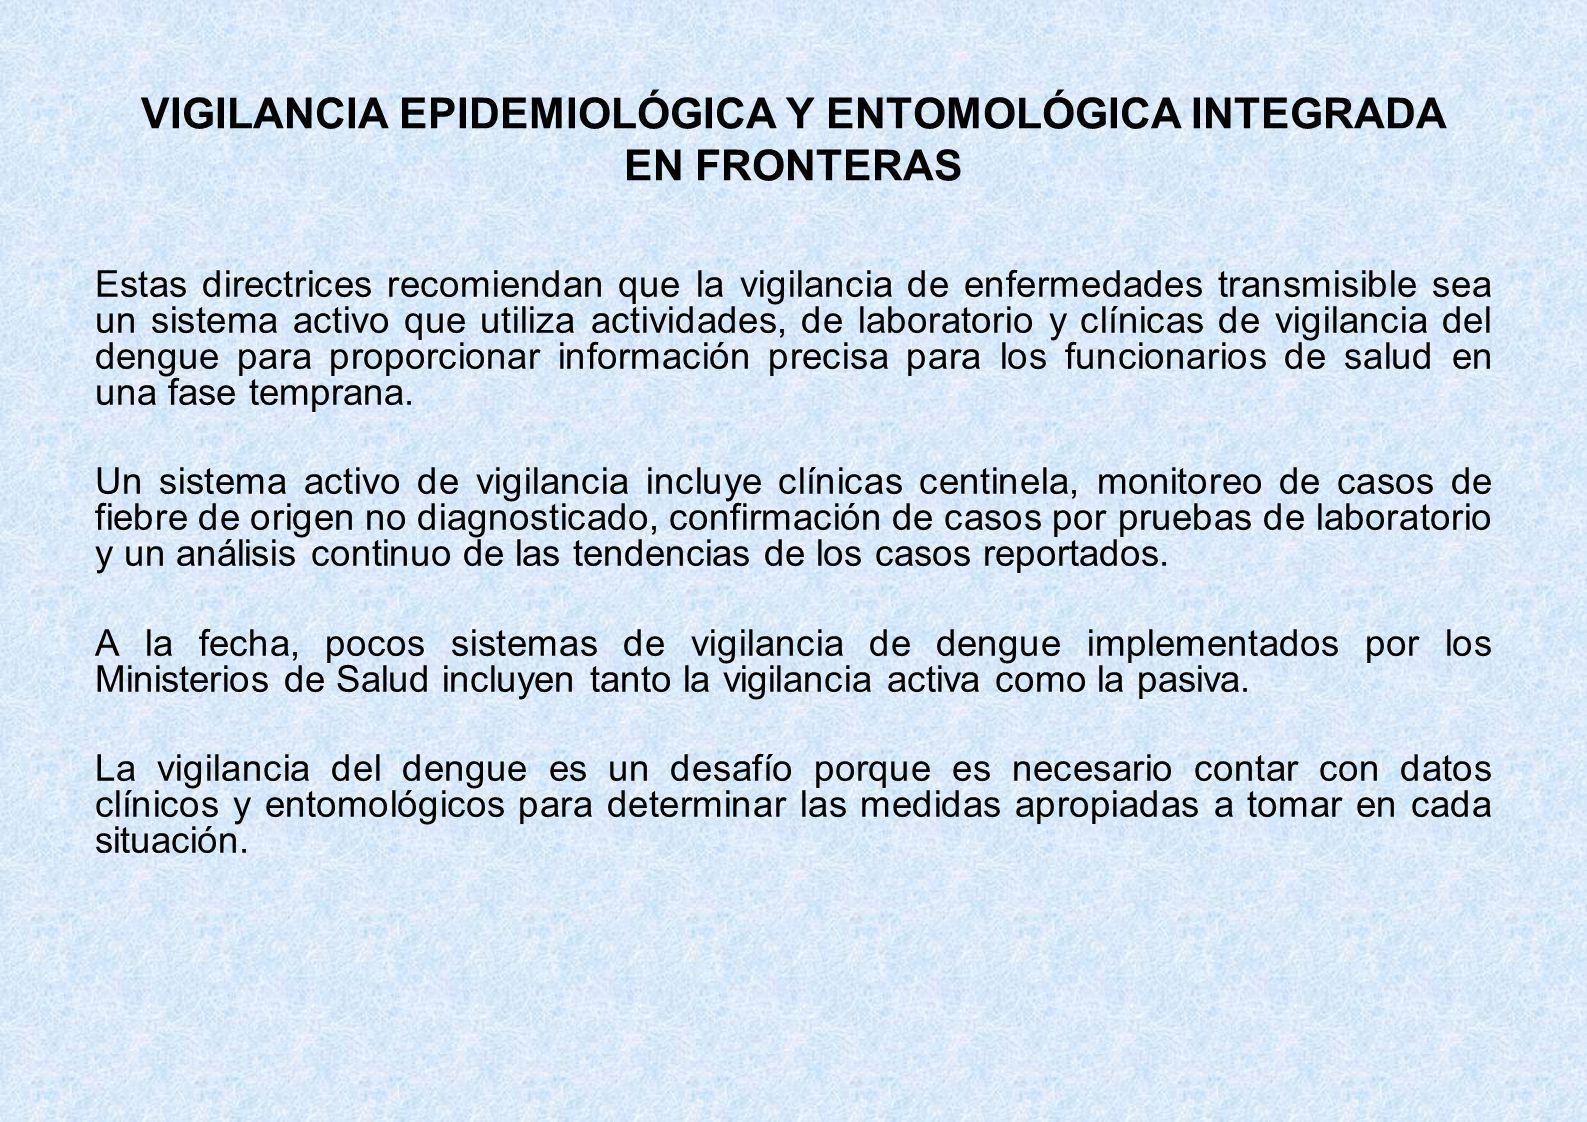 VIGILANCIA EPIDEMIOLÓGICA Y ENTOMOLÓGICA INTEGRADA EN FRONTERAS Estas directrices recomiendan que la vigilancia de enfermedades transmisible sea un si